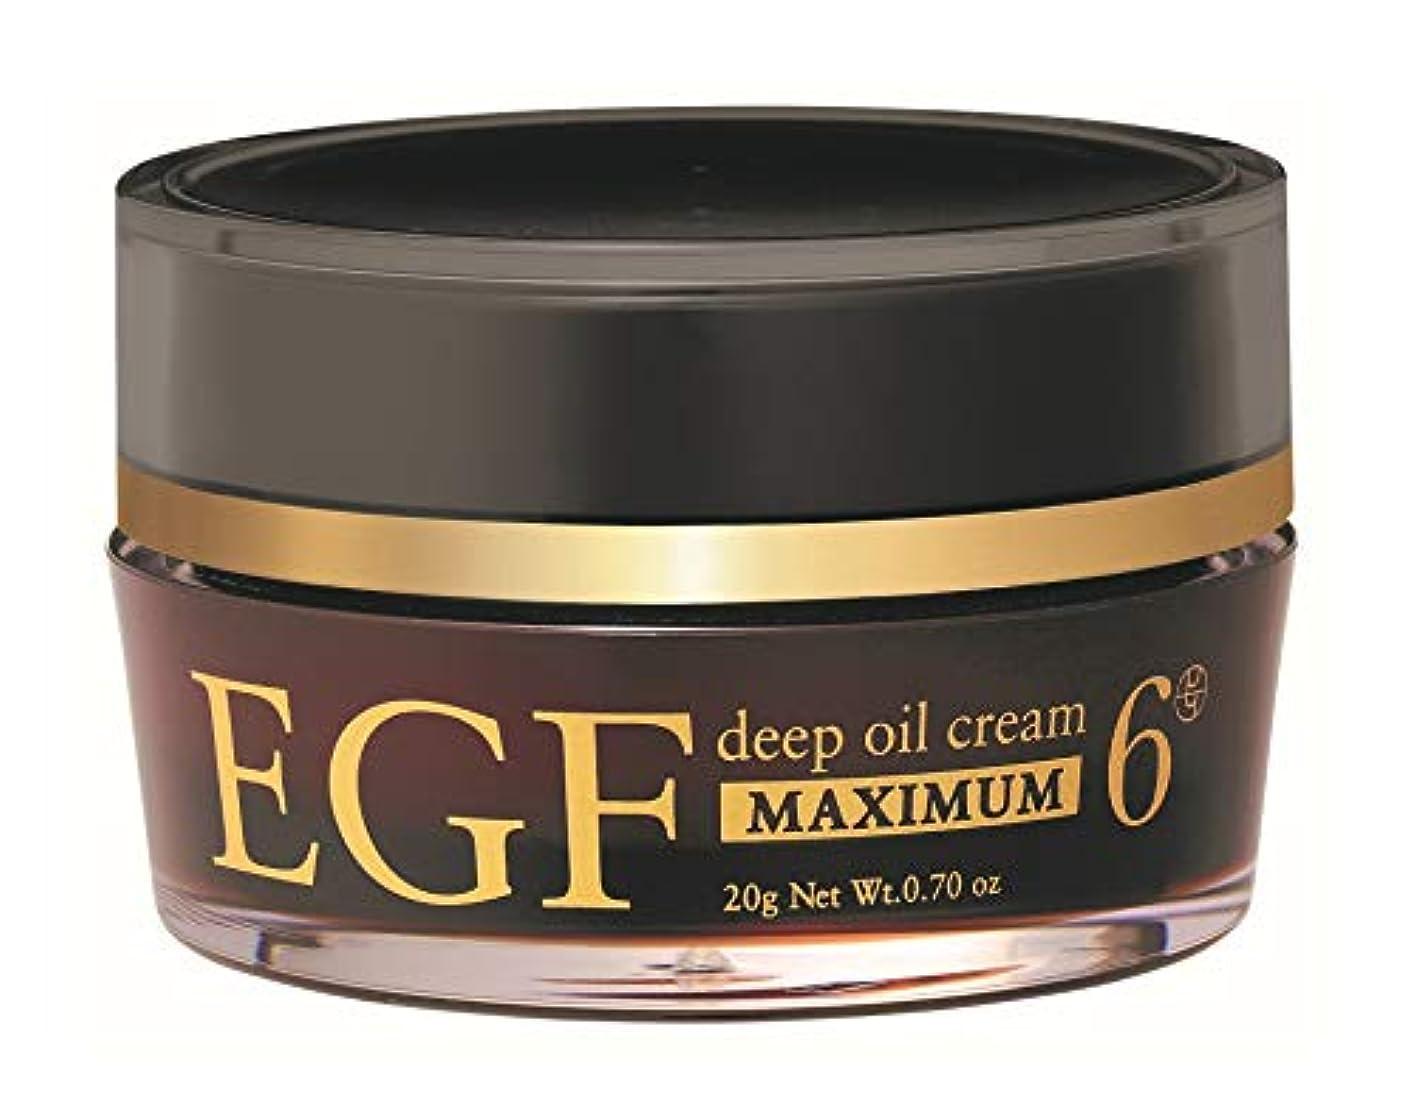 全滅させる信頼できる晩餐EGF ディープオイルクリーム マキシマム [ 20g / 濃度6µg ] エイジングケア (高濃度EGFクリーム) 日本製